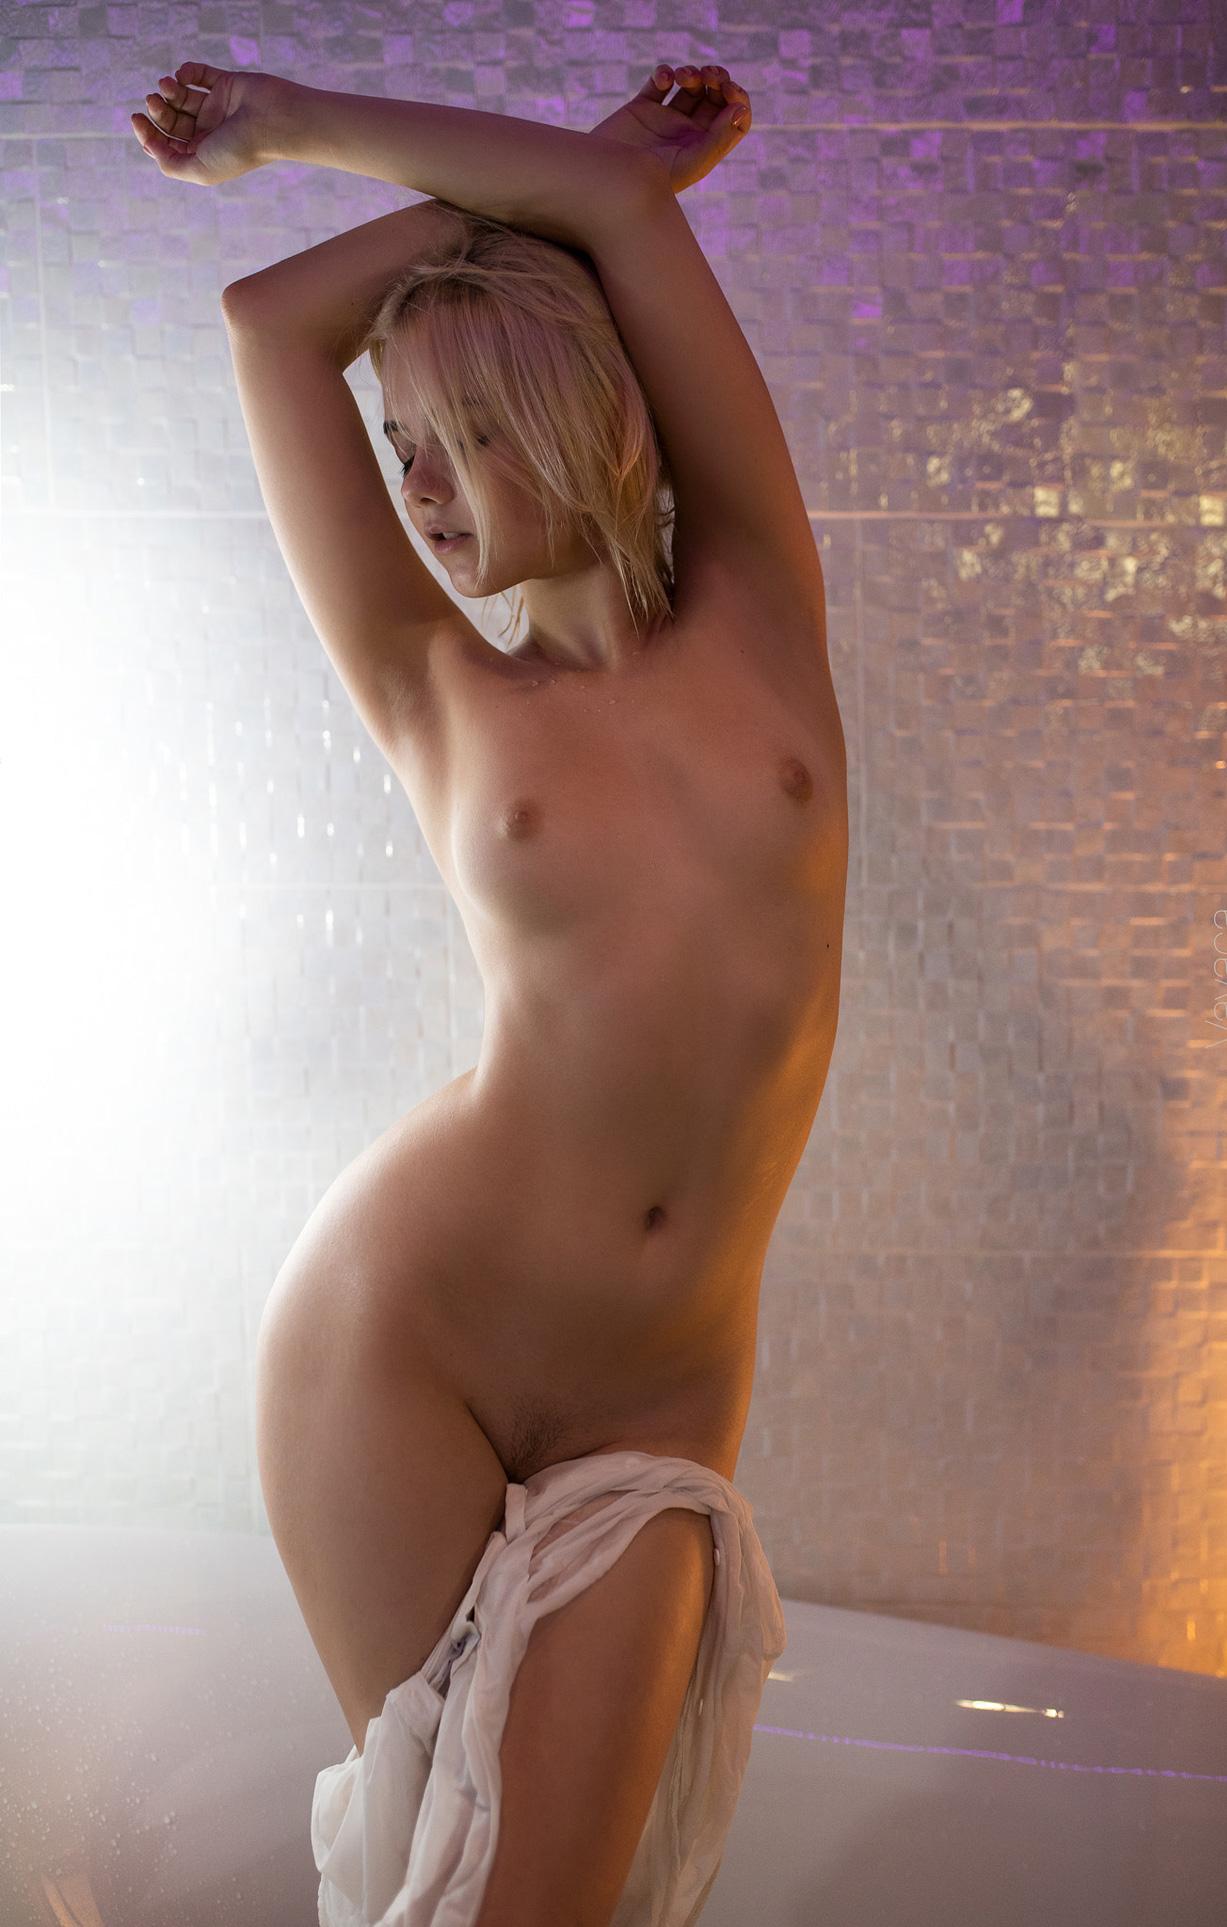 Сексуальная Виктория Соколова принимает душ / Victoria Sokolova nude by Vladimir Nikolaev